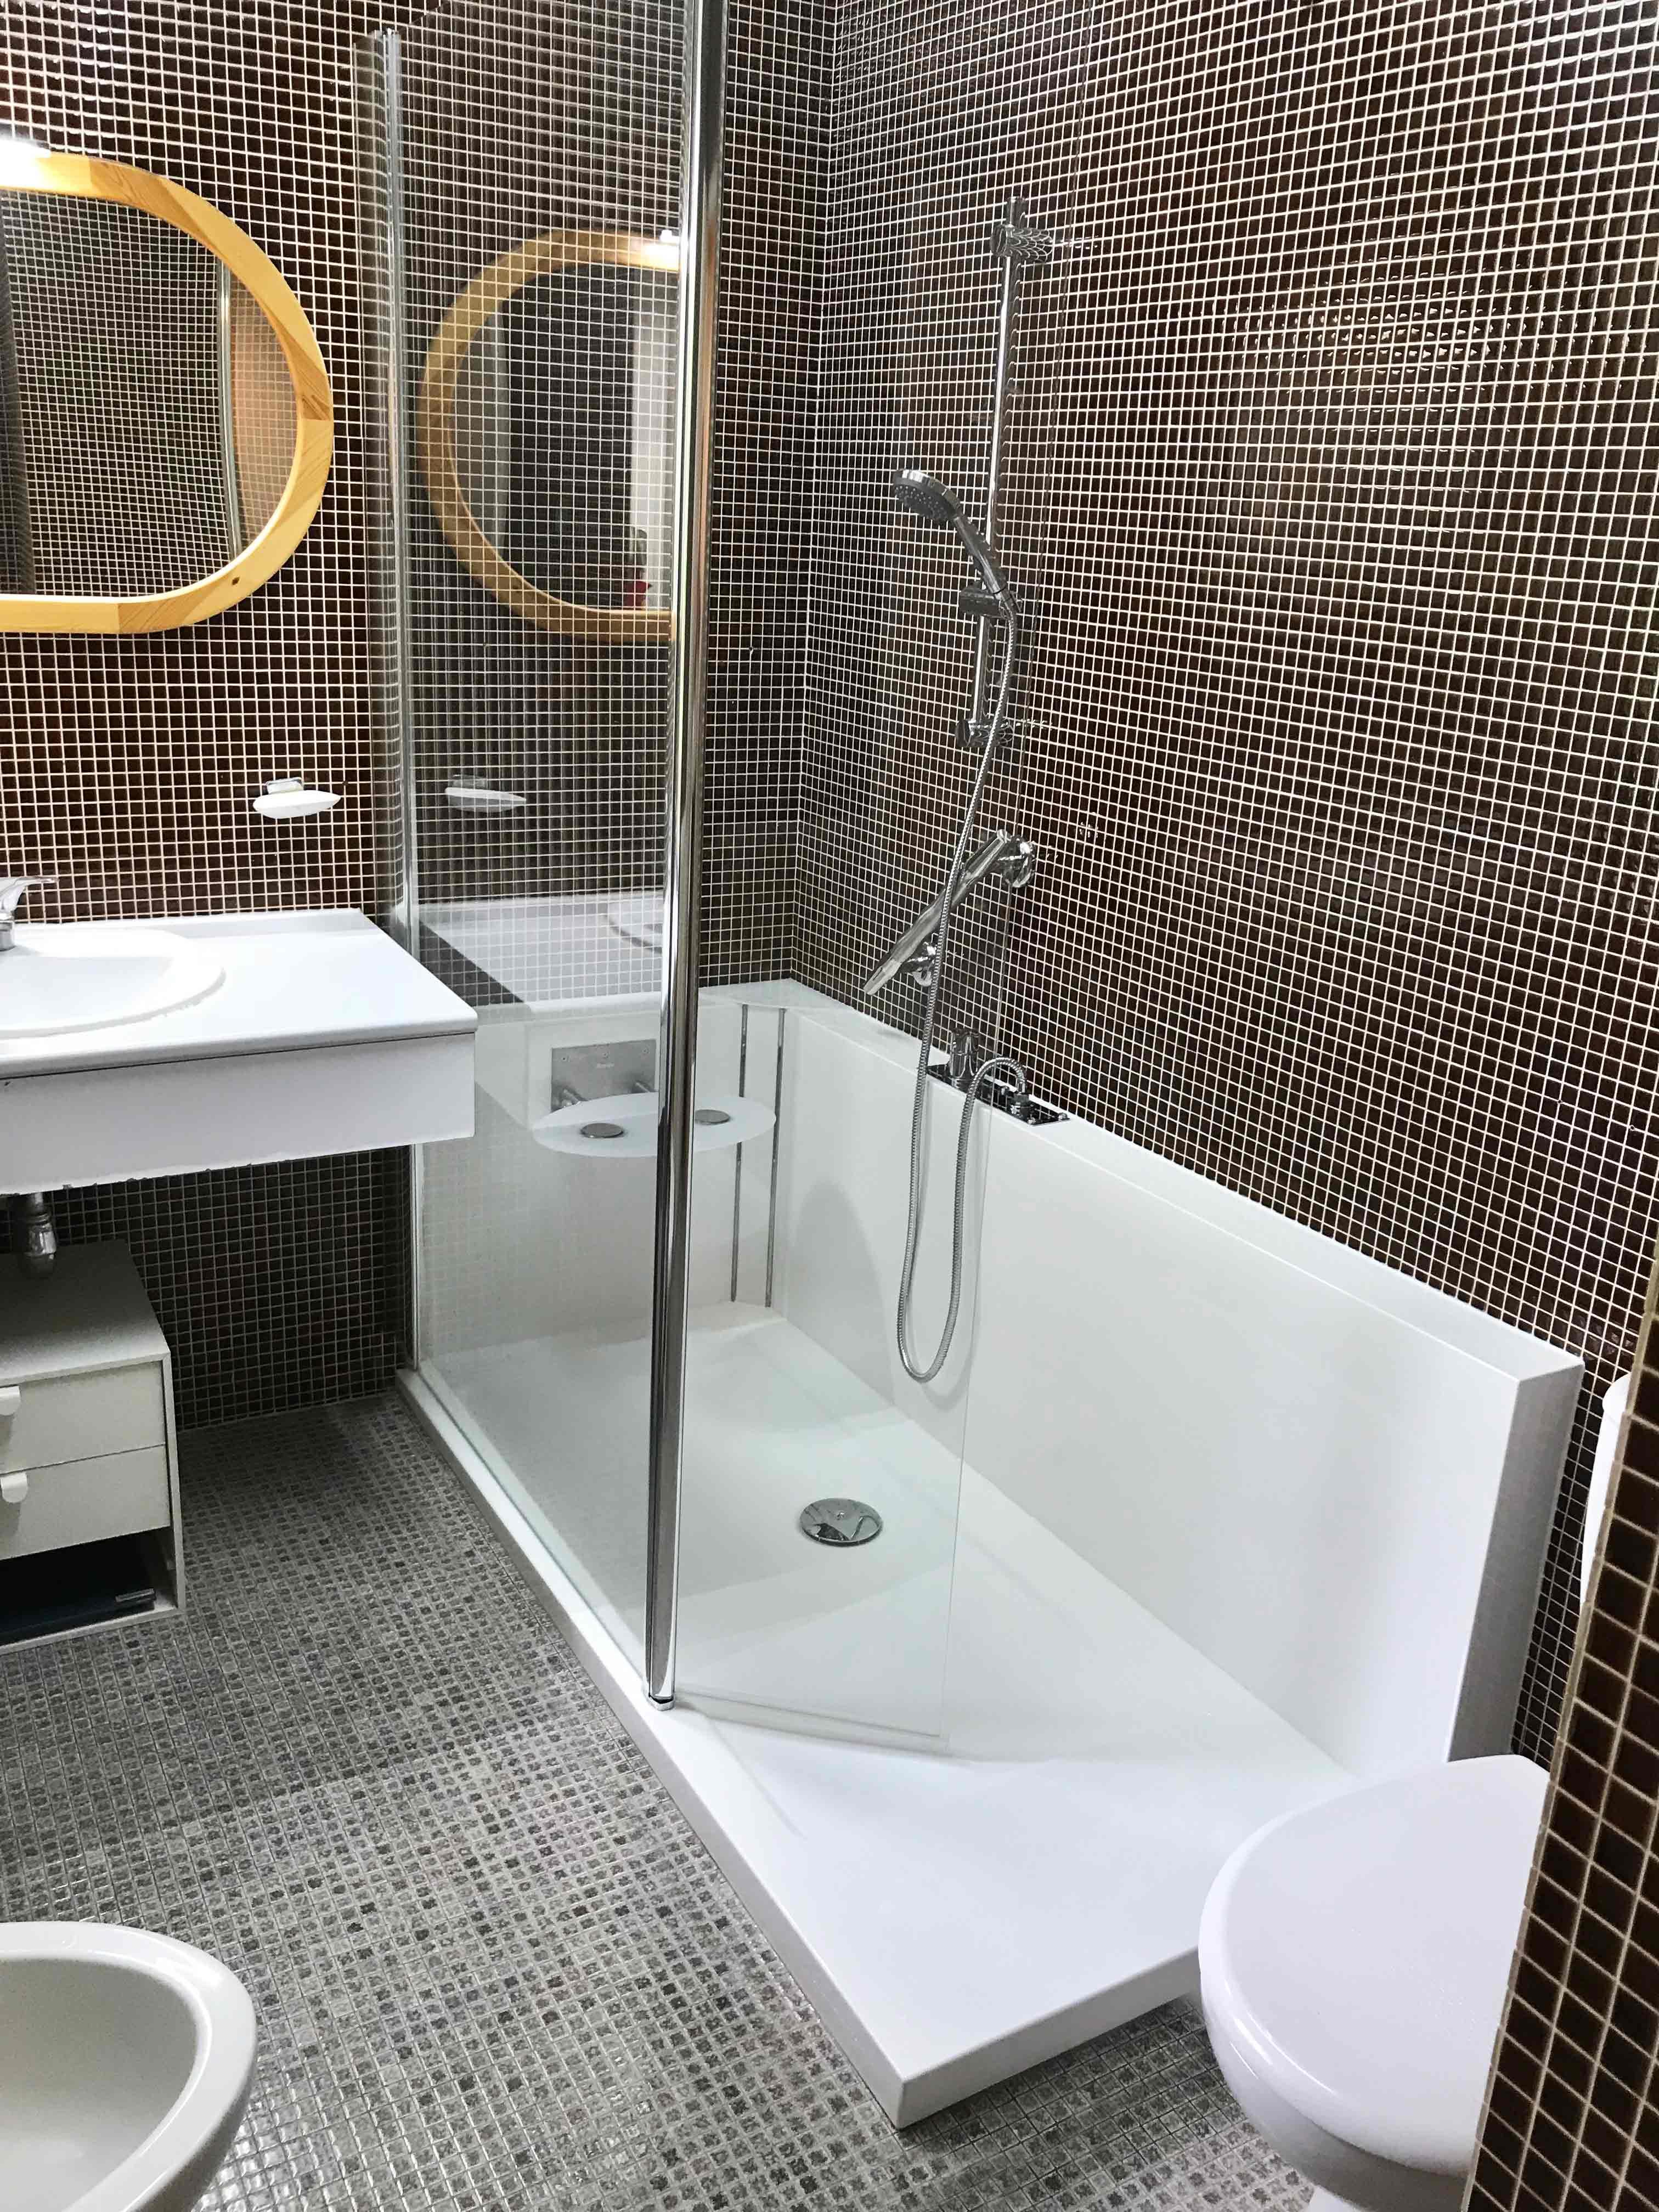 Photo d'aménagement d'une salle de bain en 3 jours